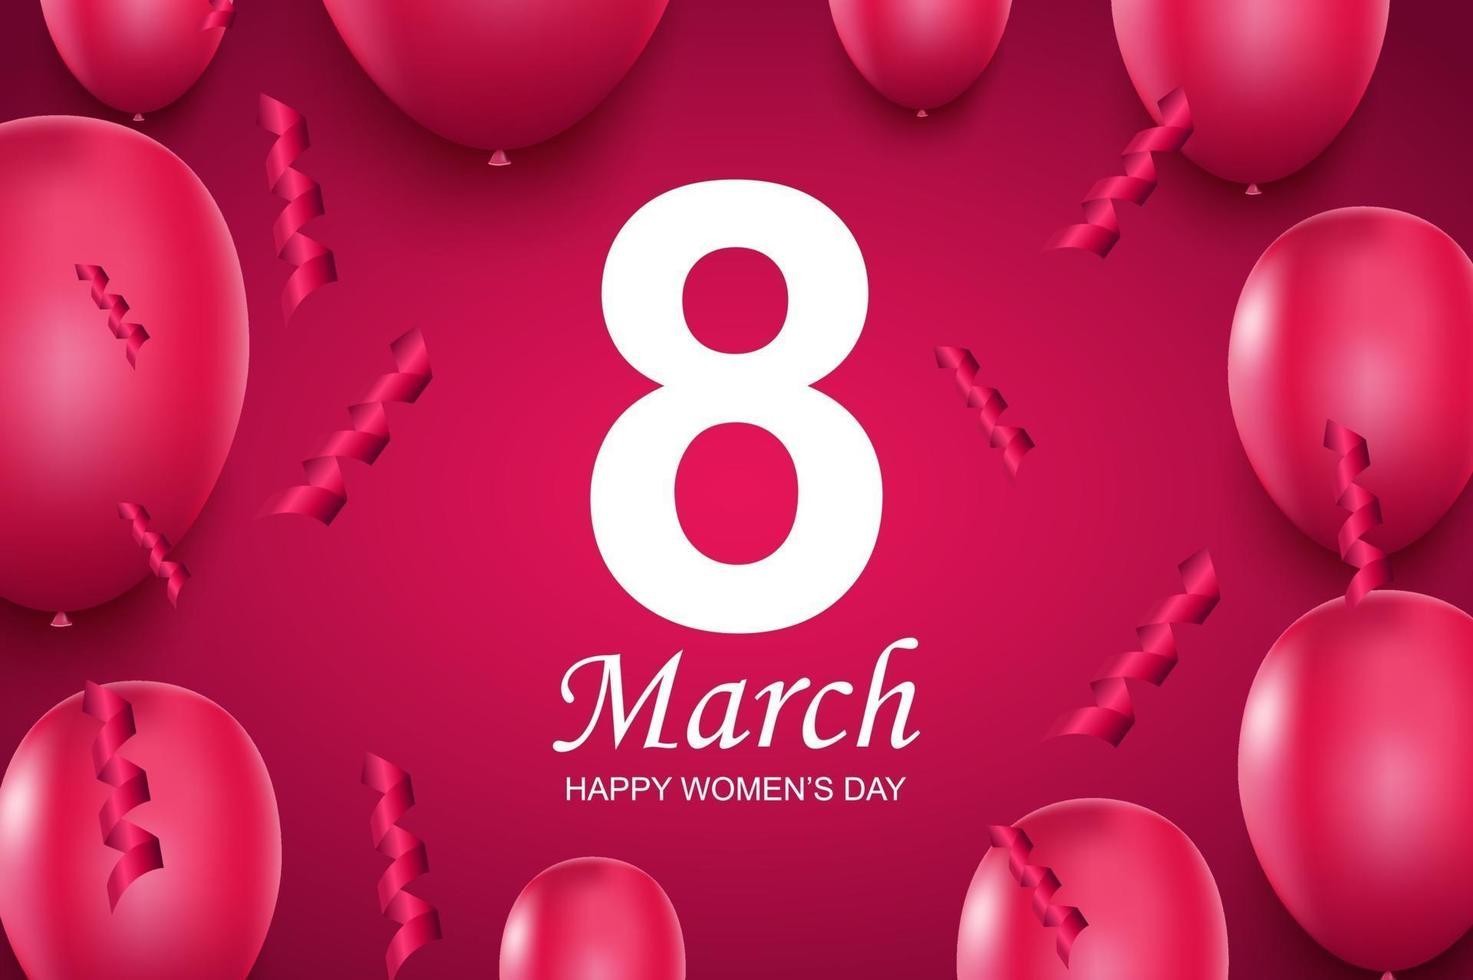 feliz dia da mulher cartão. balões de ar rosa e confetes caindo. vetor